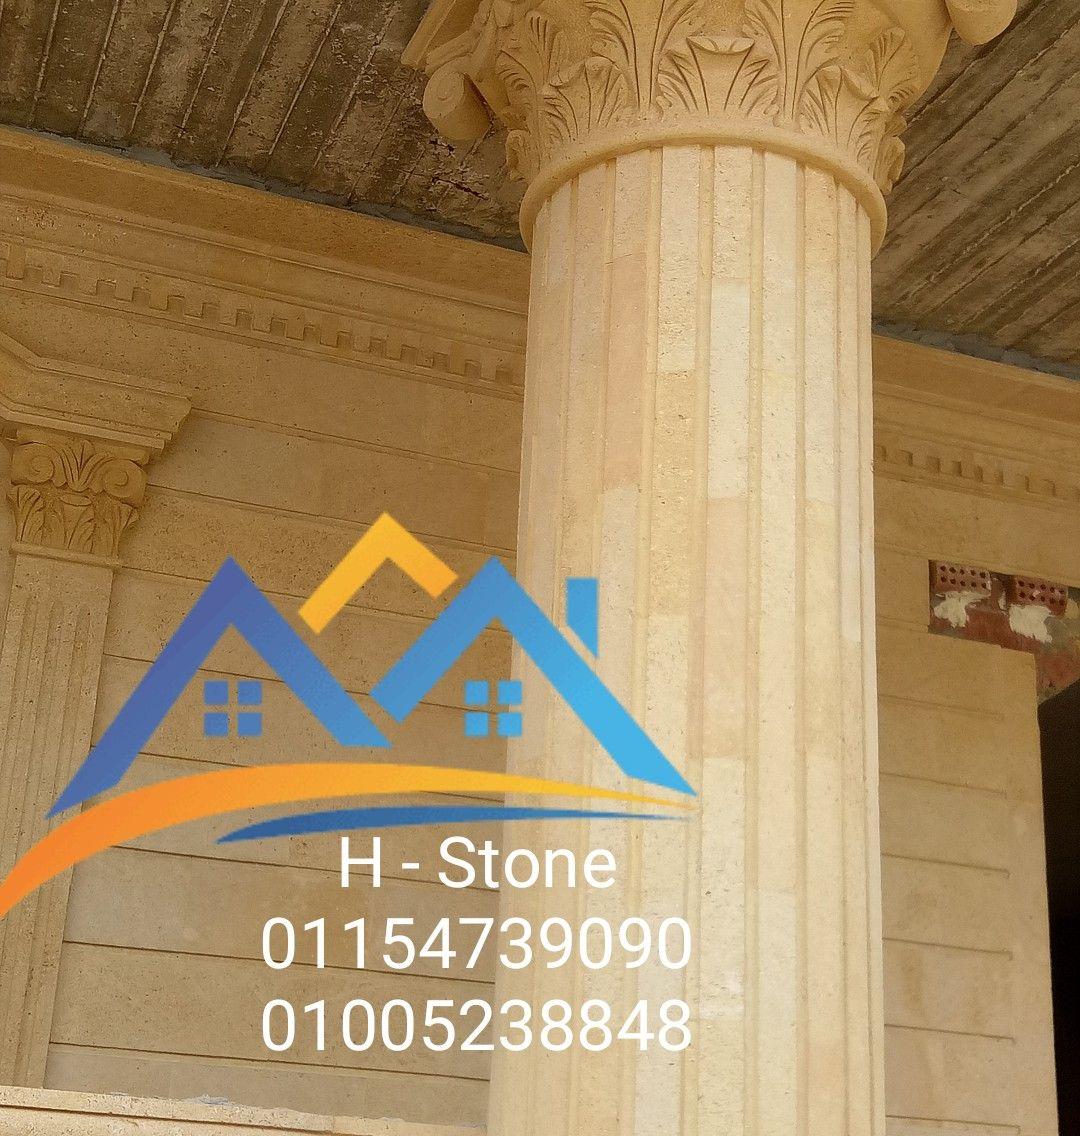 سعر تركيب حجر هاشمي House Styles Exterior Houses اسعار 01154739090 Stone House Stone